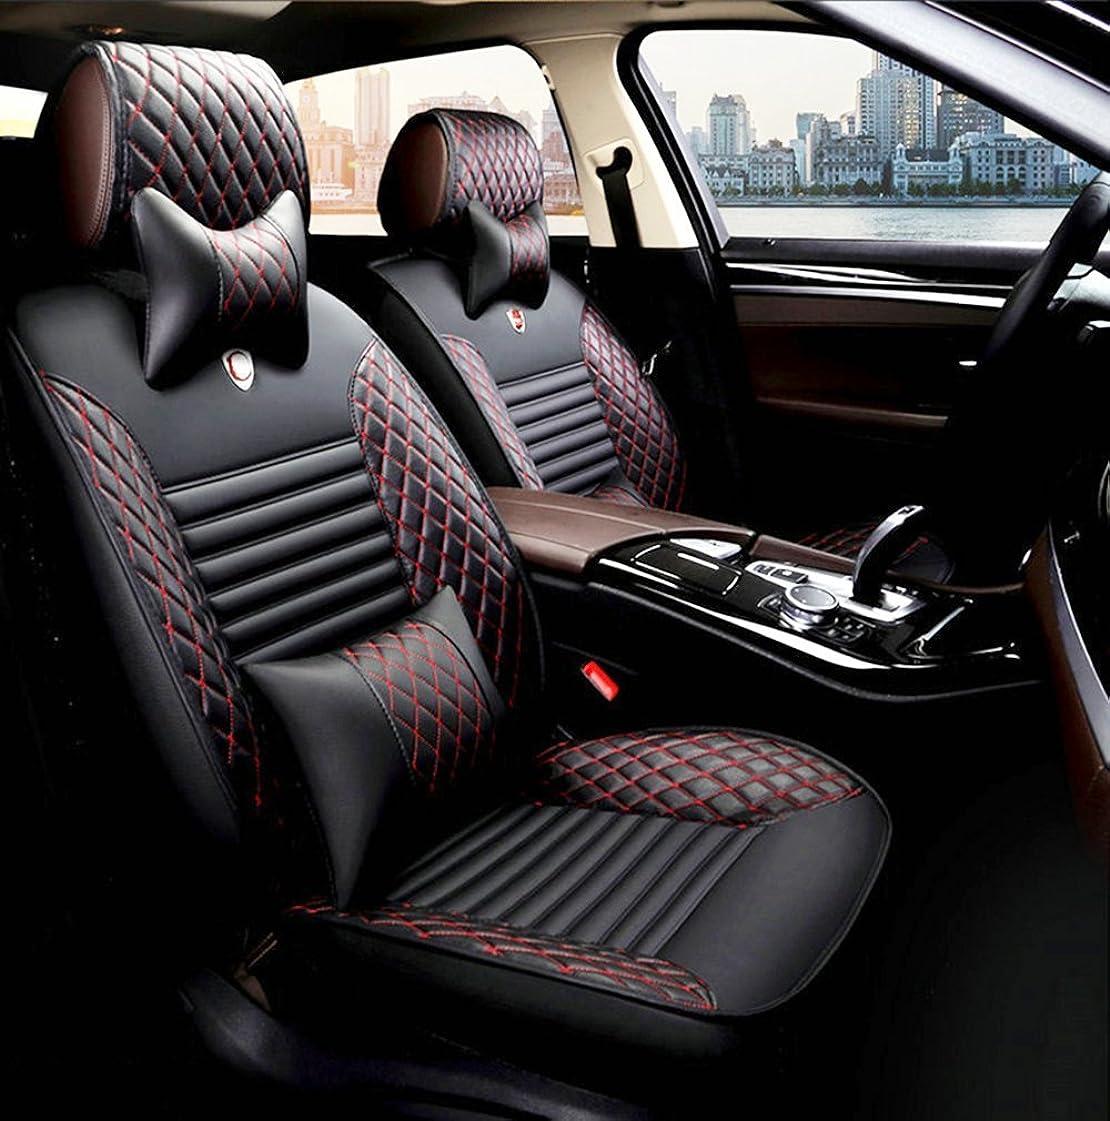 列車スローガン版WillMaxMat [2016-2017 BMW X1] 運転席 助手席 後部座席 車用シートカバー 防水 環境保護レザー - 黒と赤のステッチ